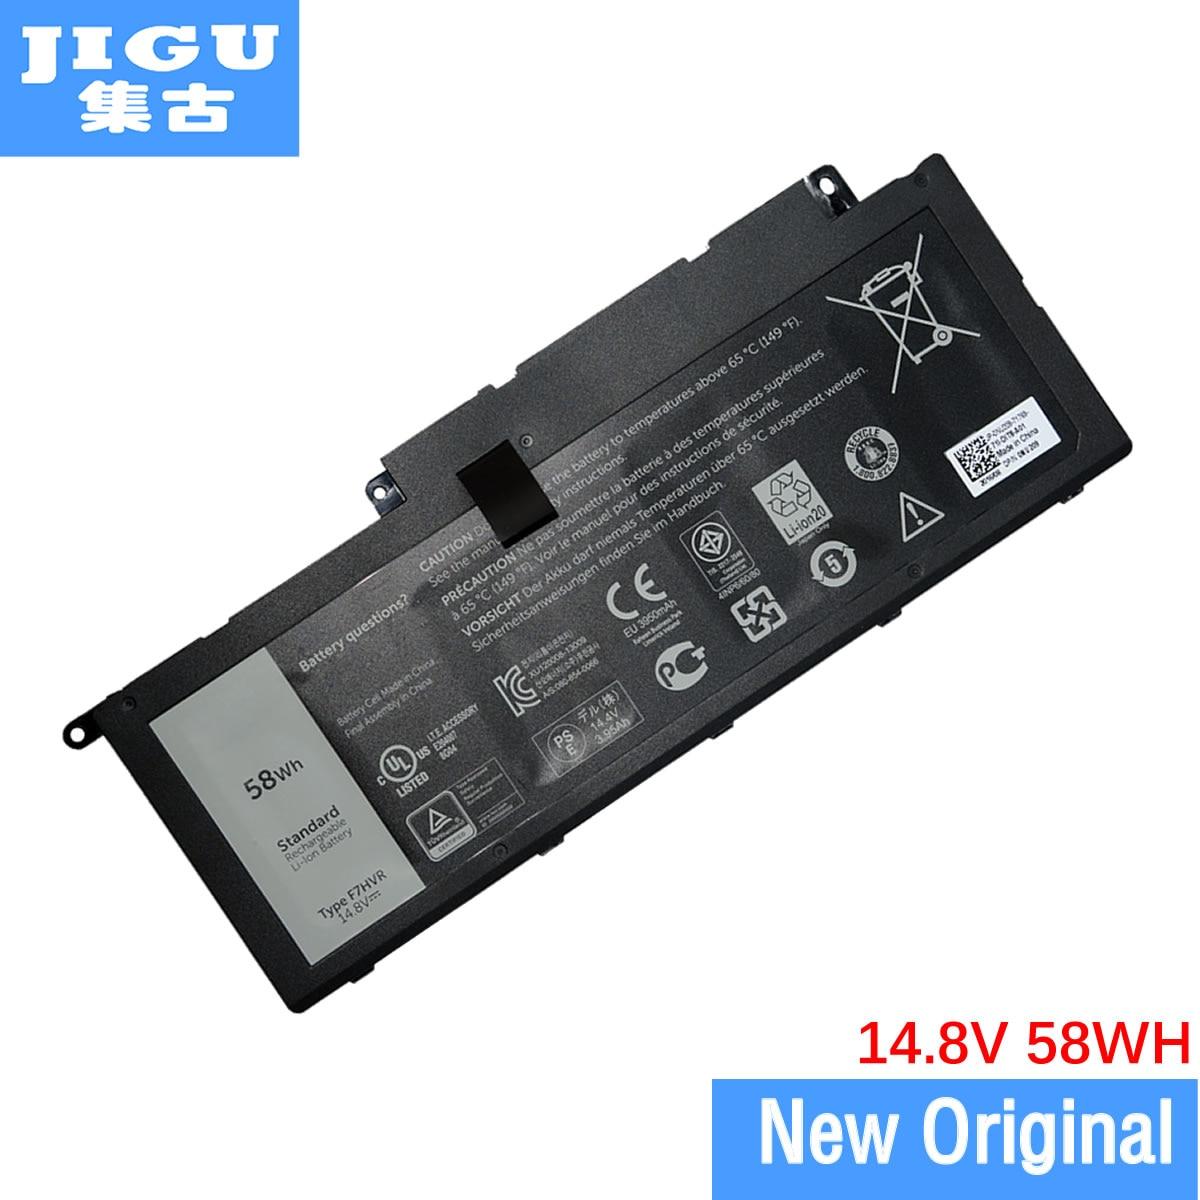 JIGU F7HVR Batterie D'ordinateur Portable D'origine Pour Dell INS15BD Ins17HD Pour Inspiron 14 15 15r 5545 17 7000 7437 7537 7548 7737 7746